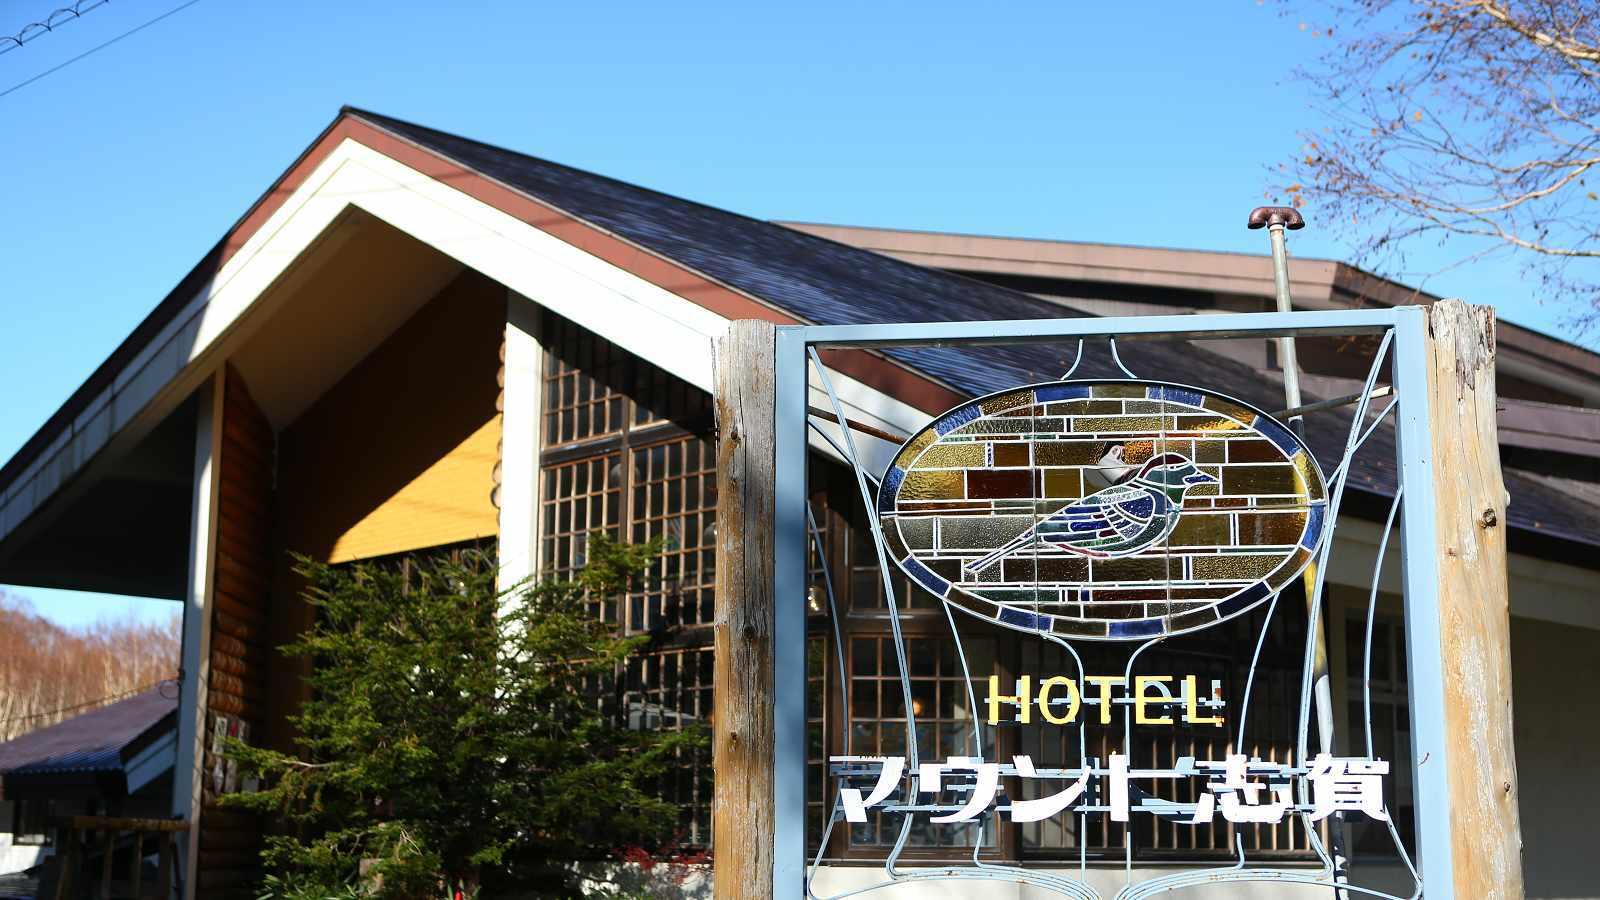 ホテル マウント 志賀◆楽天トラベル